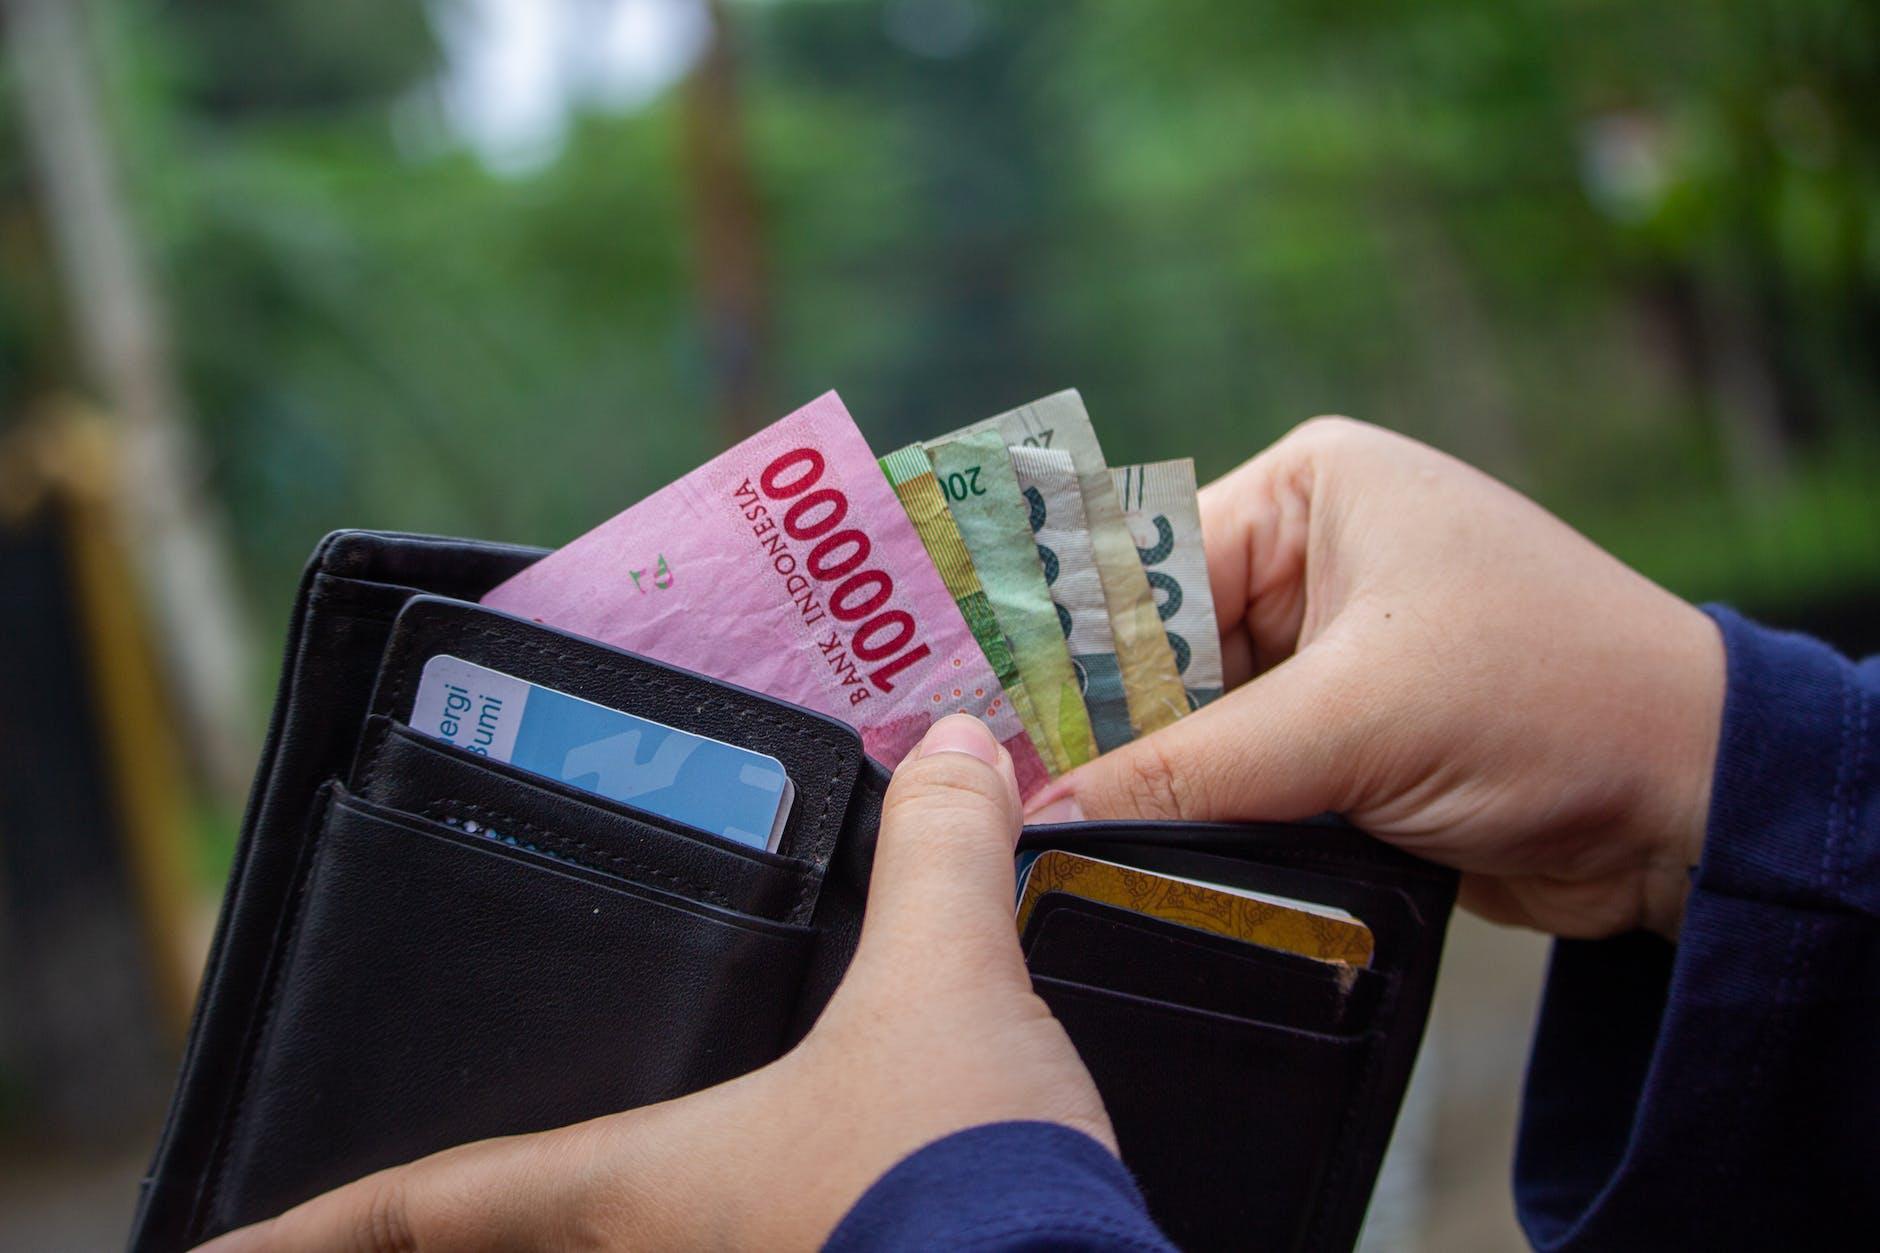 Kebutuhan mendesak teratasi melalui pinjaman online langsung cair.